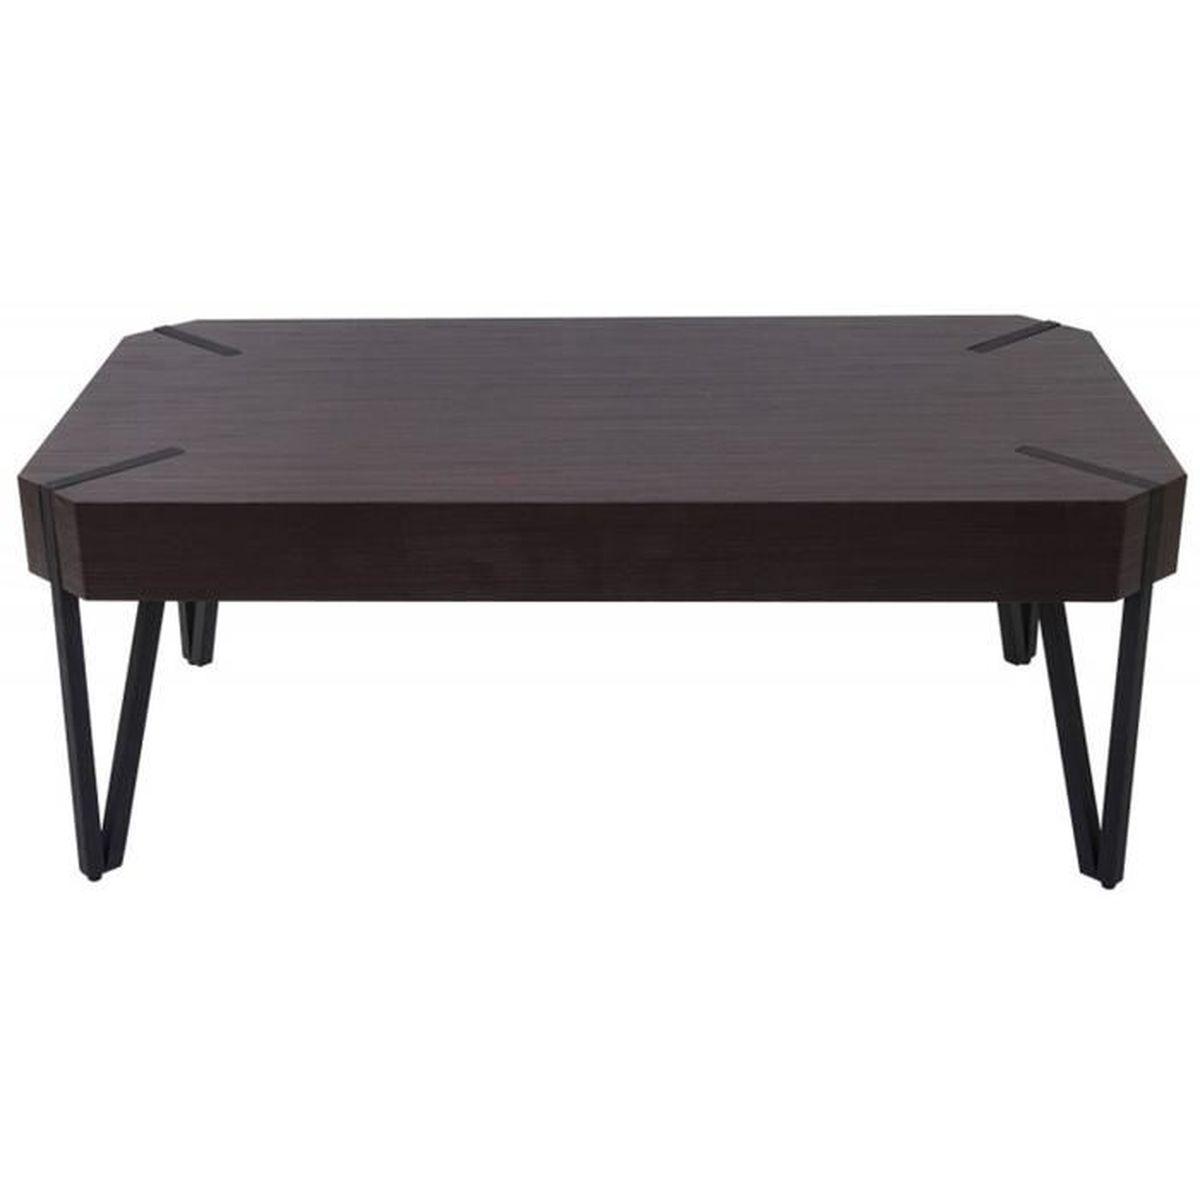 Table Basse Coloris Weng Avec Pieds En M Tal Noir Dim